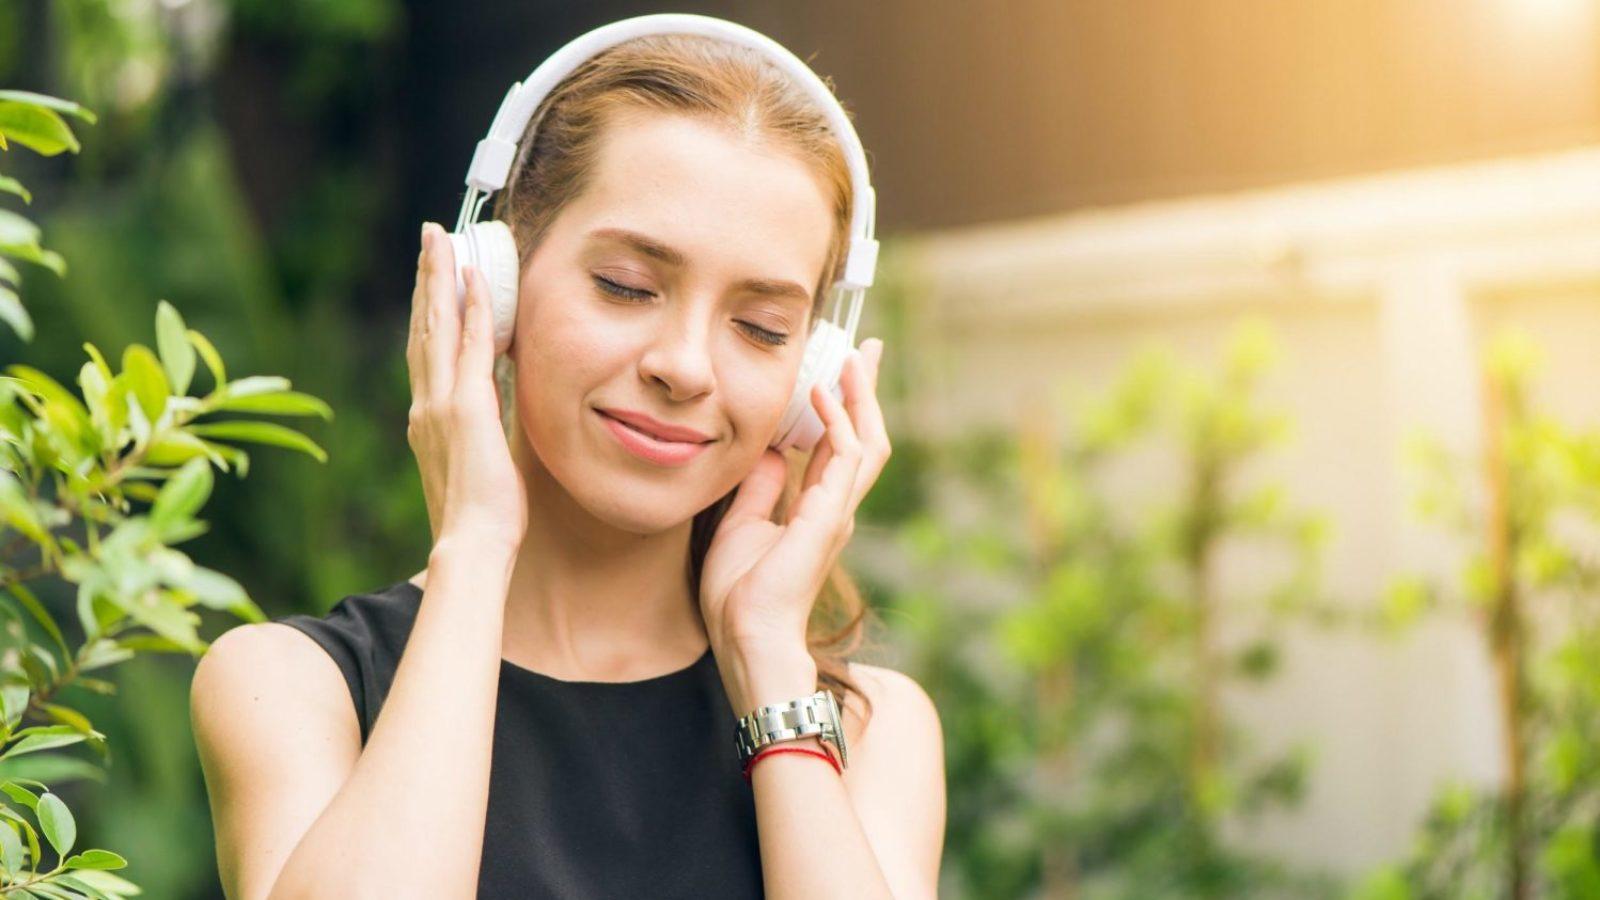 クラシック音楽をじっくり聴くなら!ヘッドホンおすすめ7選【高音質で1万円以下あり】